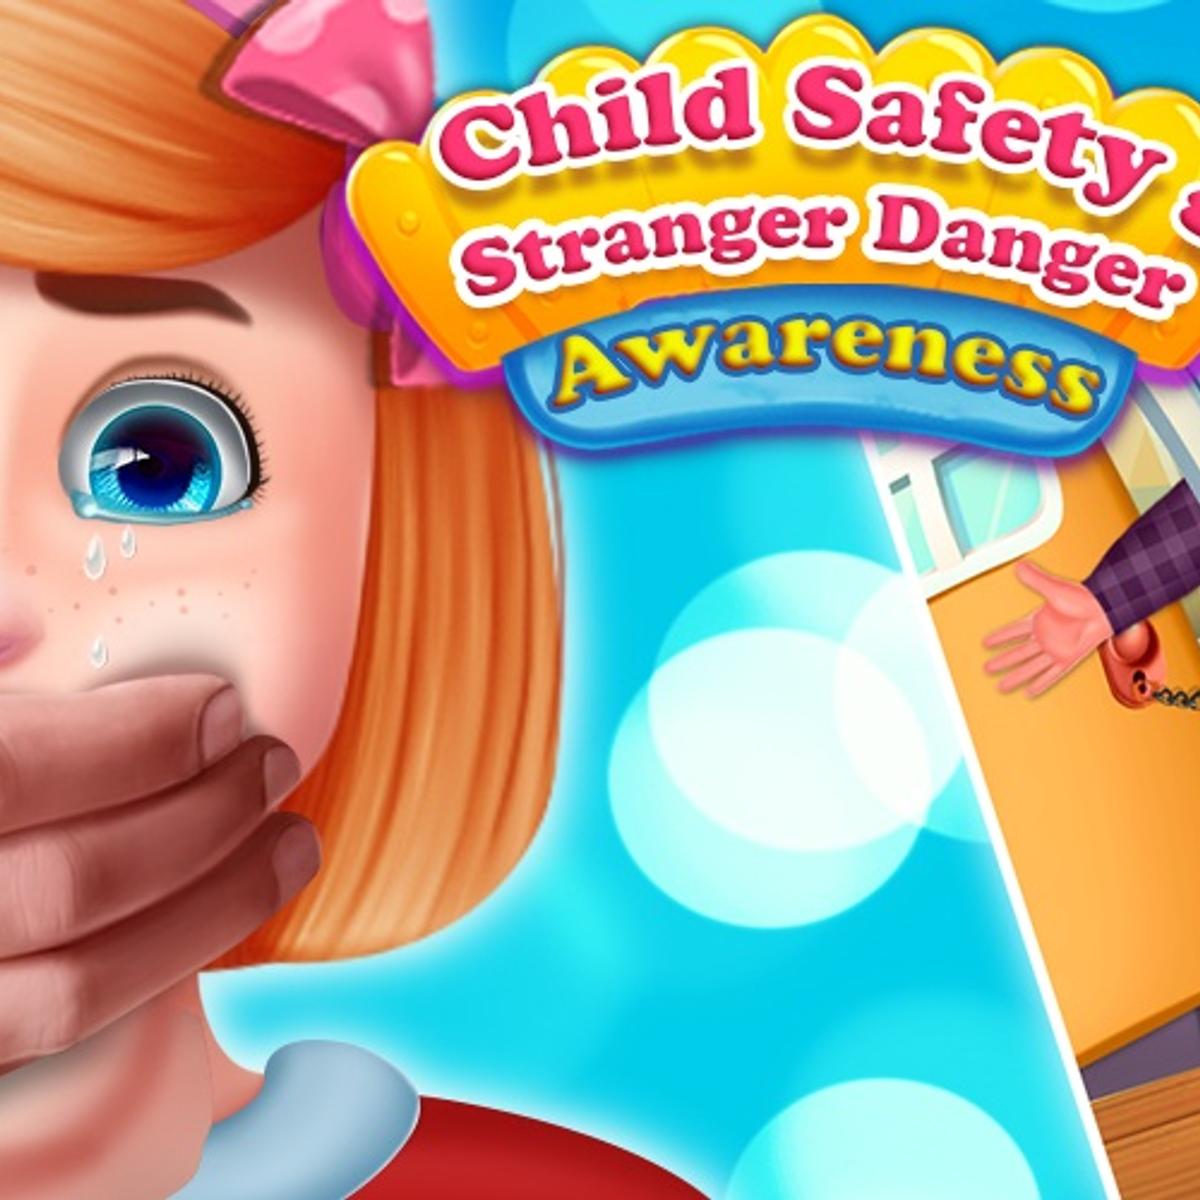 Child Safety Stranger Danger Awareness Alternatives And